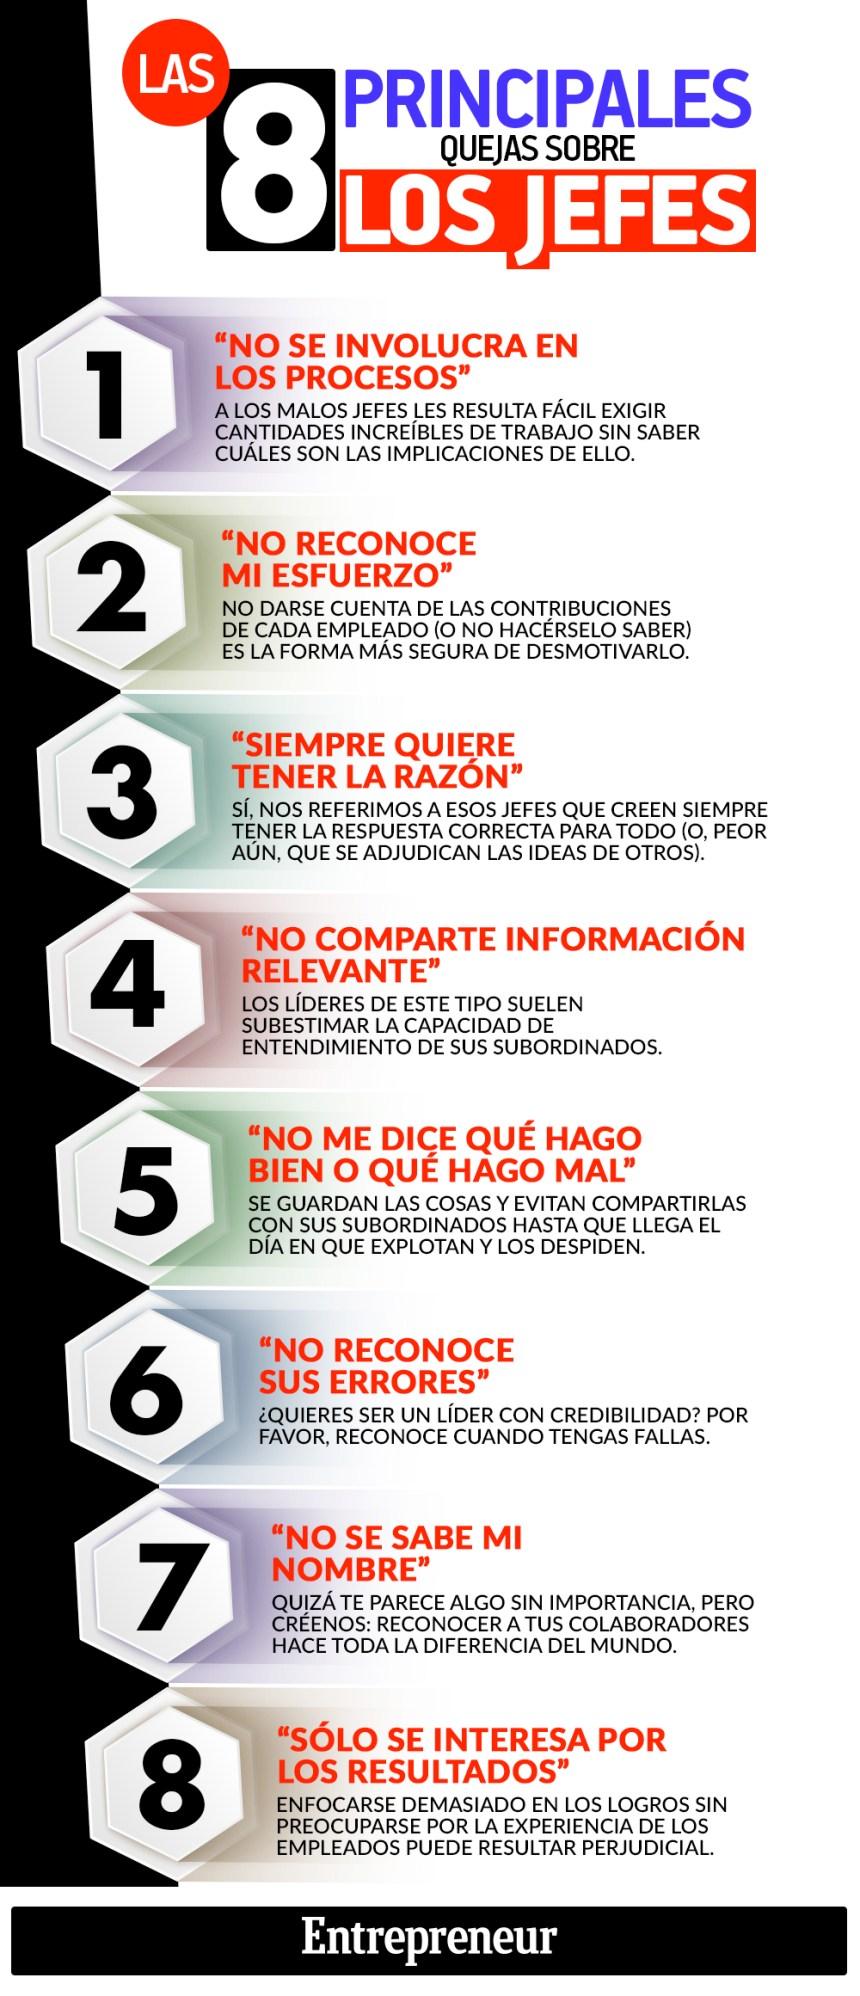 8 principales quejas de los jefes